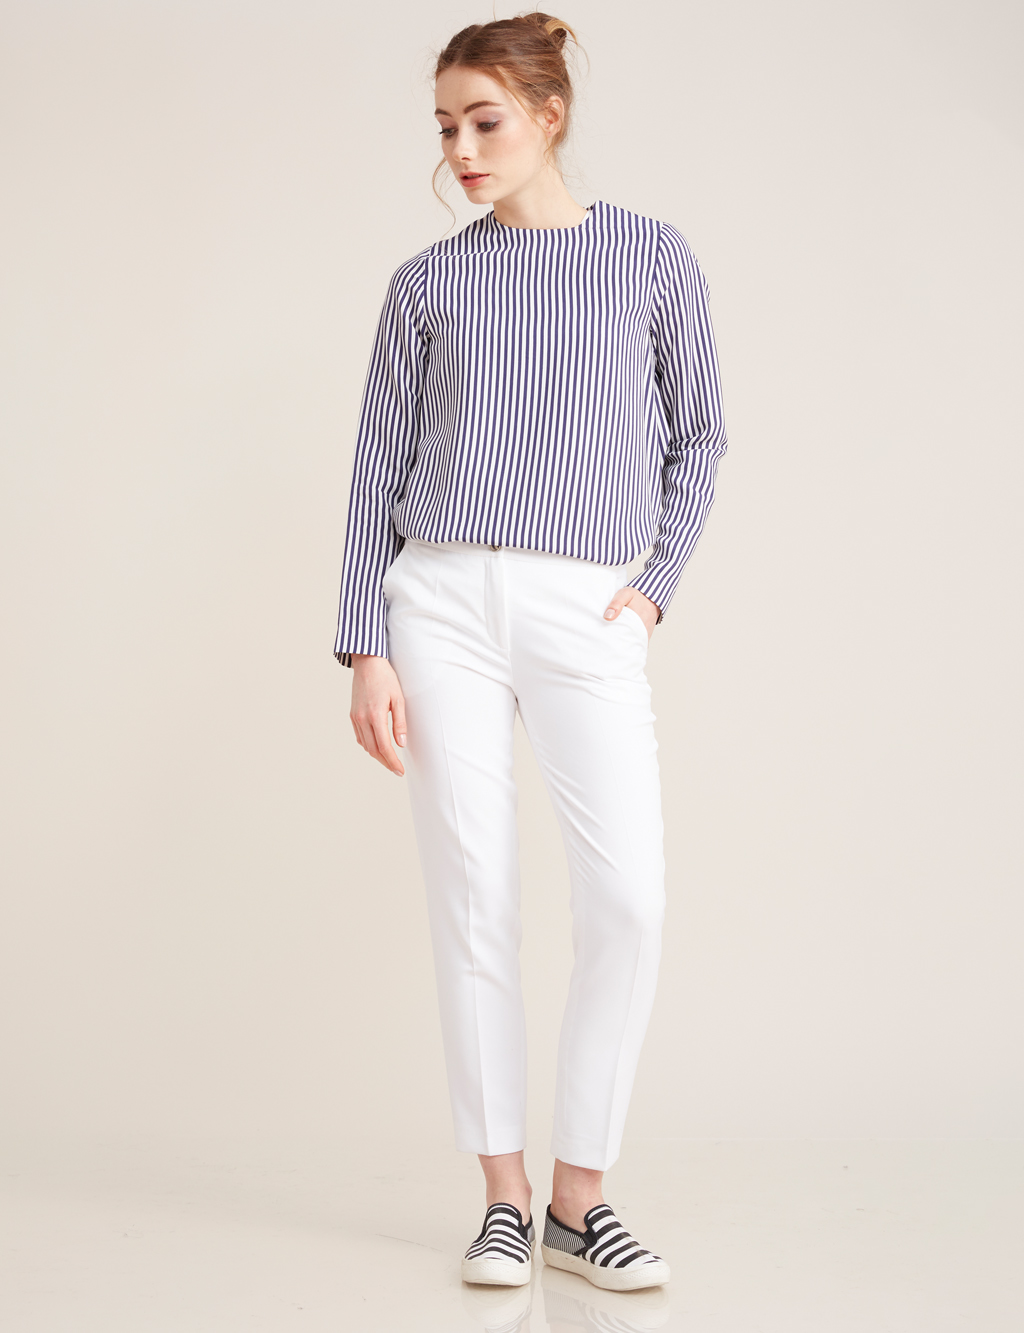 Kayra Giyim Basic Pantolon Beyaz